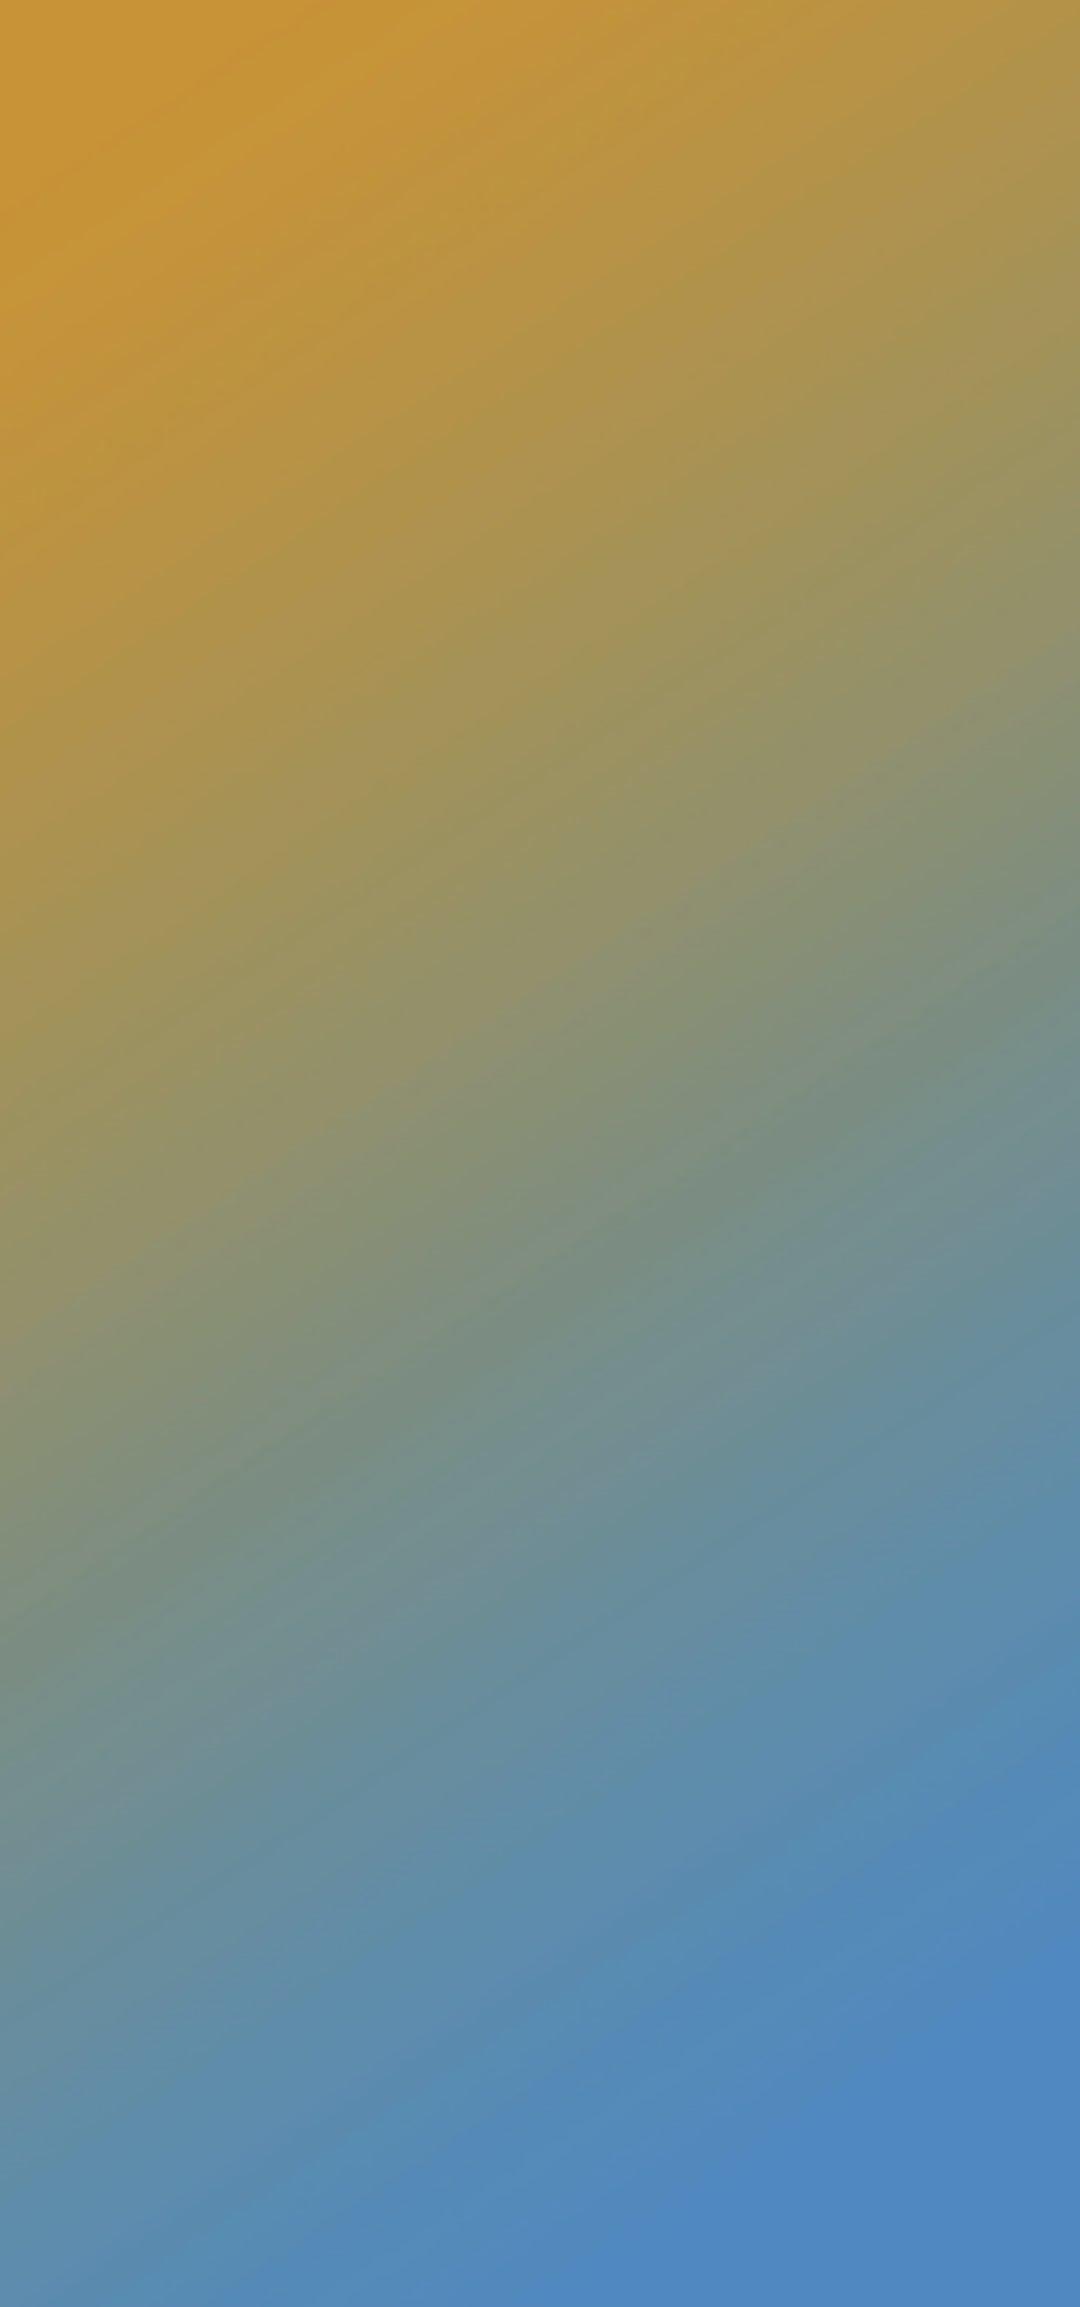 تحميل خلفيات واجهة سامسونج One UI 3 الاصلية برابط مباشر (7)